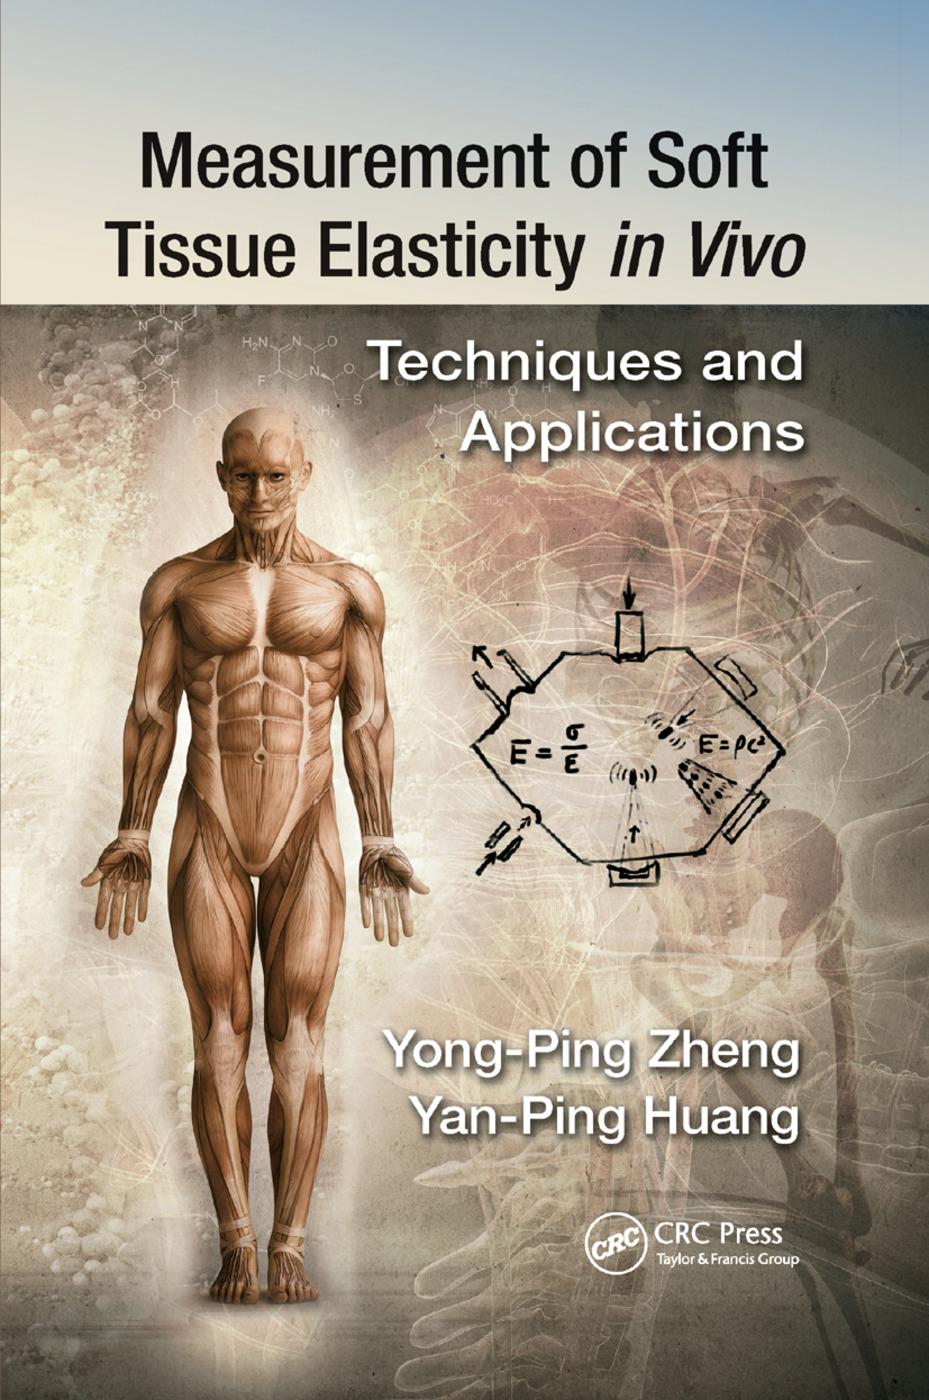 Measurement of Soft Tissue Elasticity in Vivo